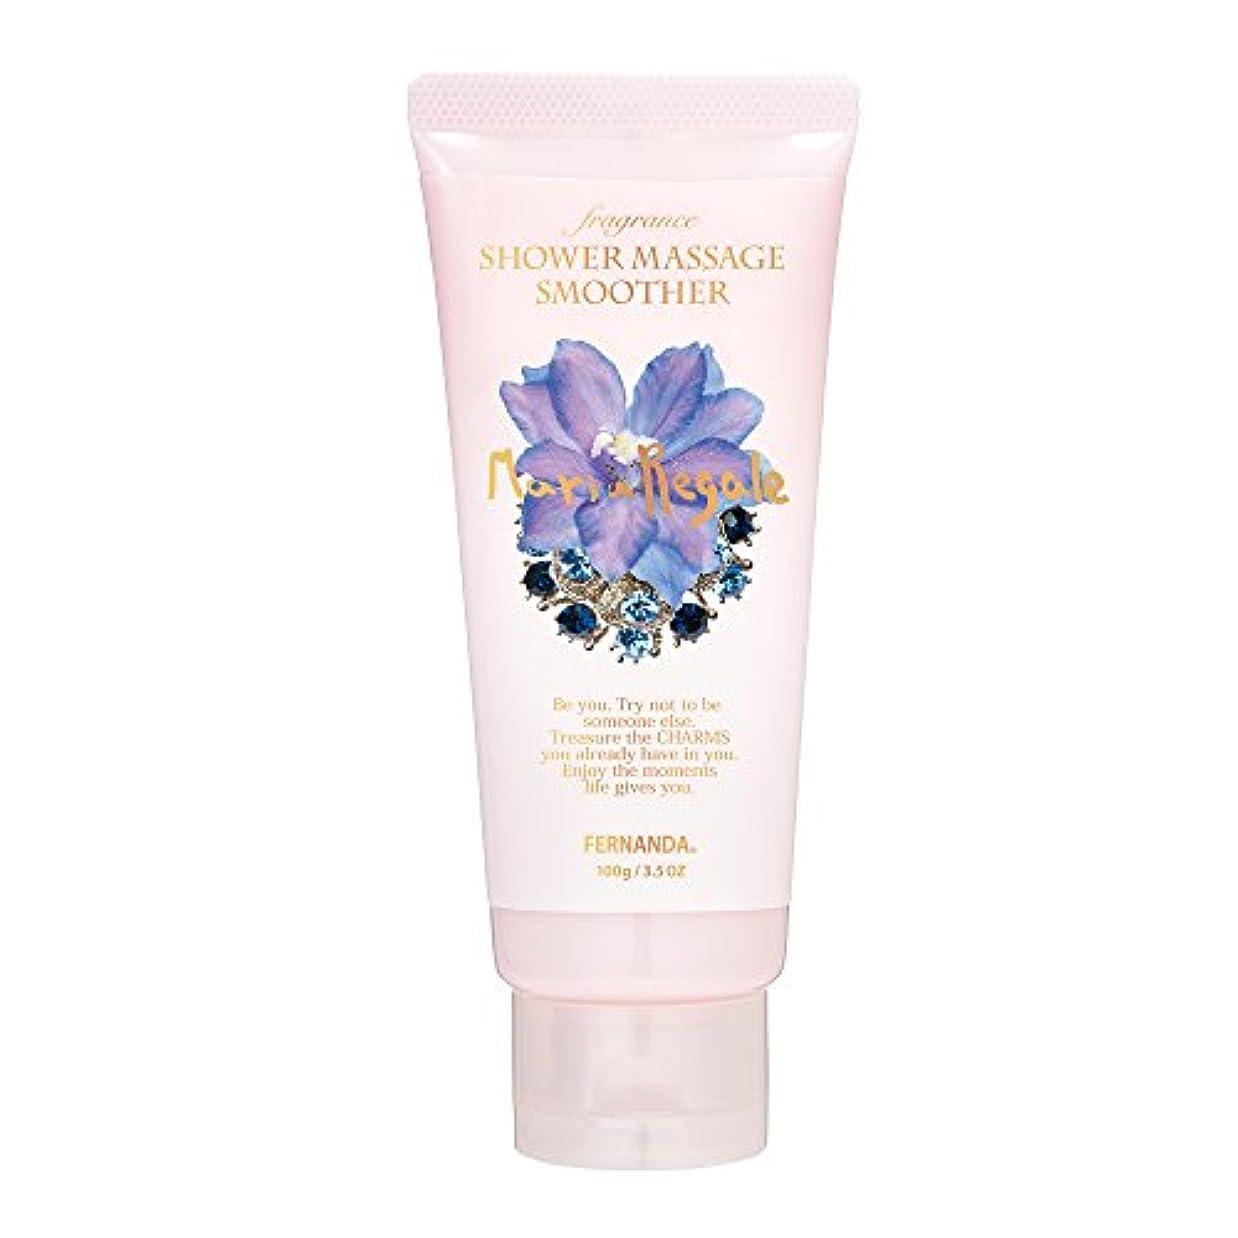 チャームブラケット上昇FERNANDA(フェルナンダ) Fragrance Shower Massage Smoother Maria Regale (シャワーマッサージスムーサー マリアリゲル)